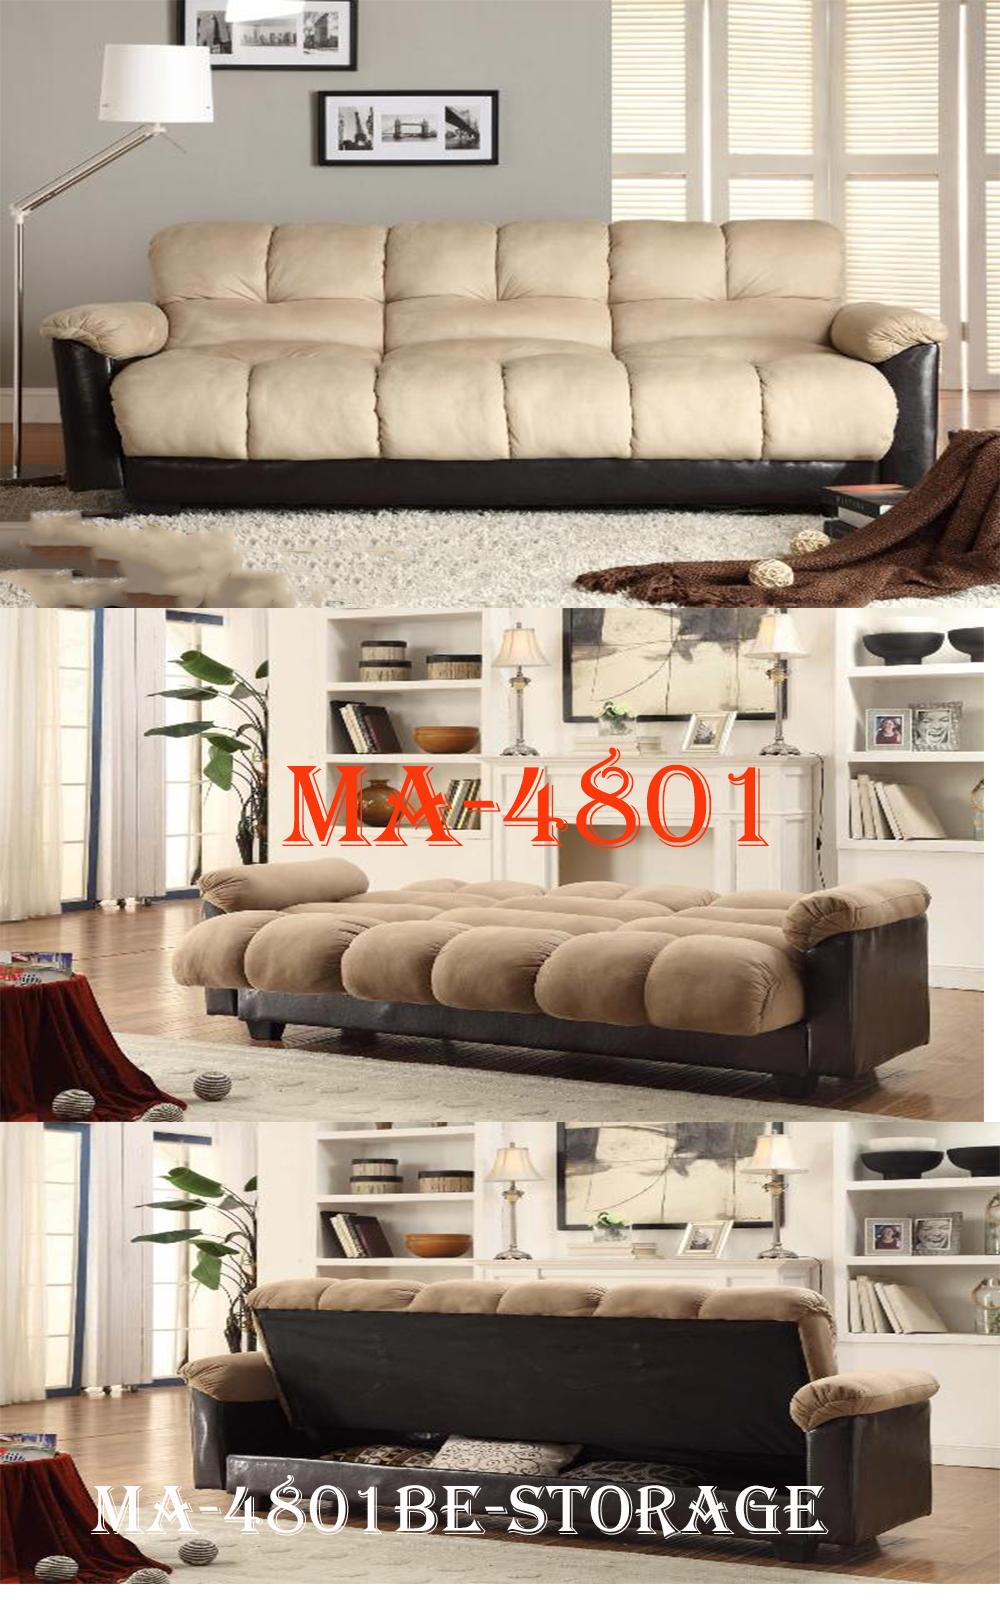 4801BE futon